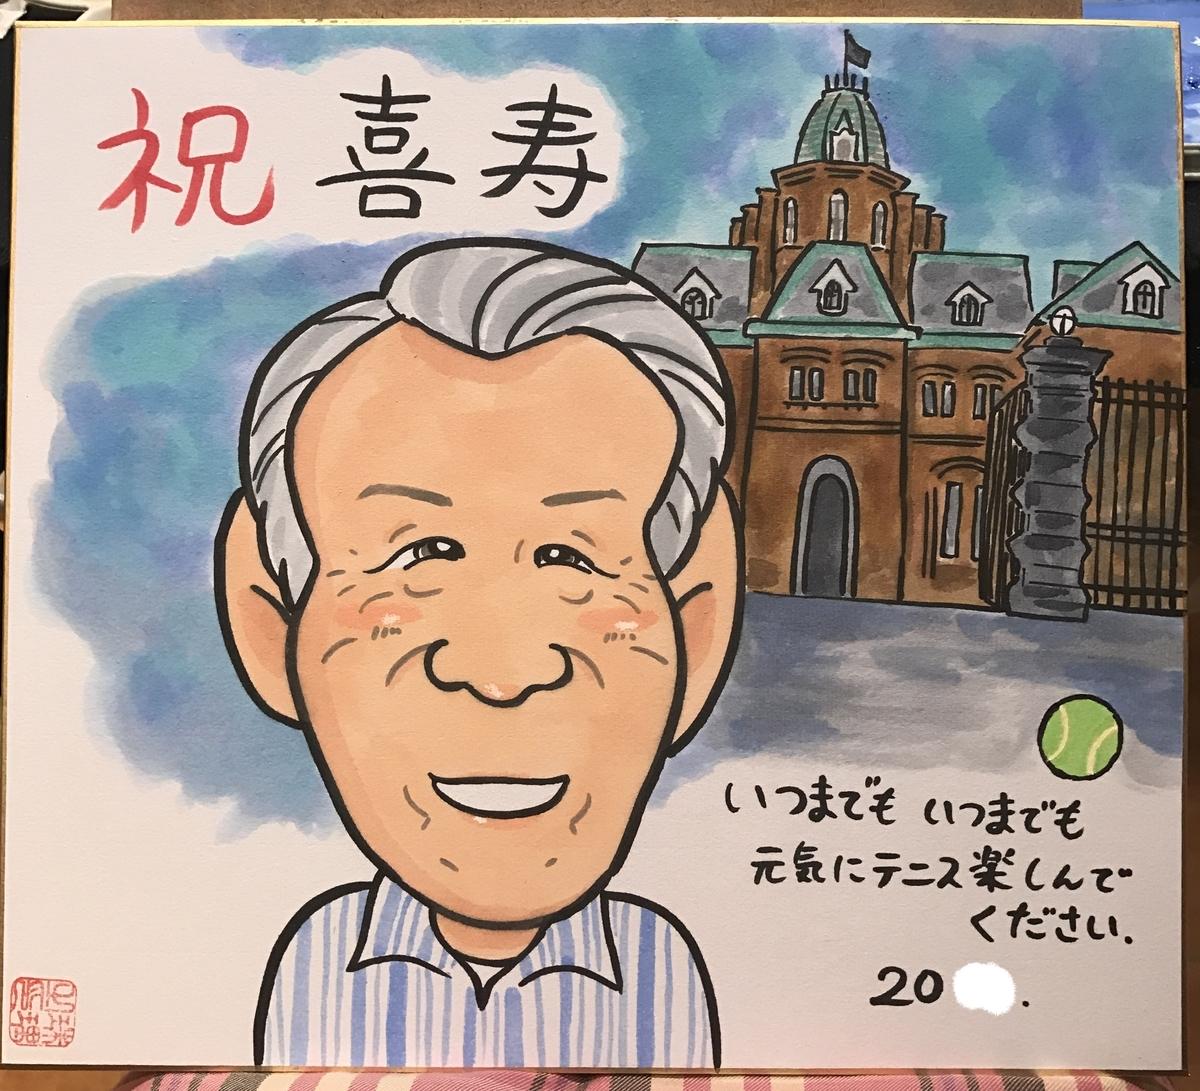 喜寿祝いの似顔絵 北海道札幌の似顔絵作家高井じゅり 似顔絵ファクトリー